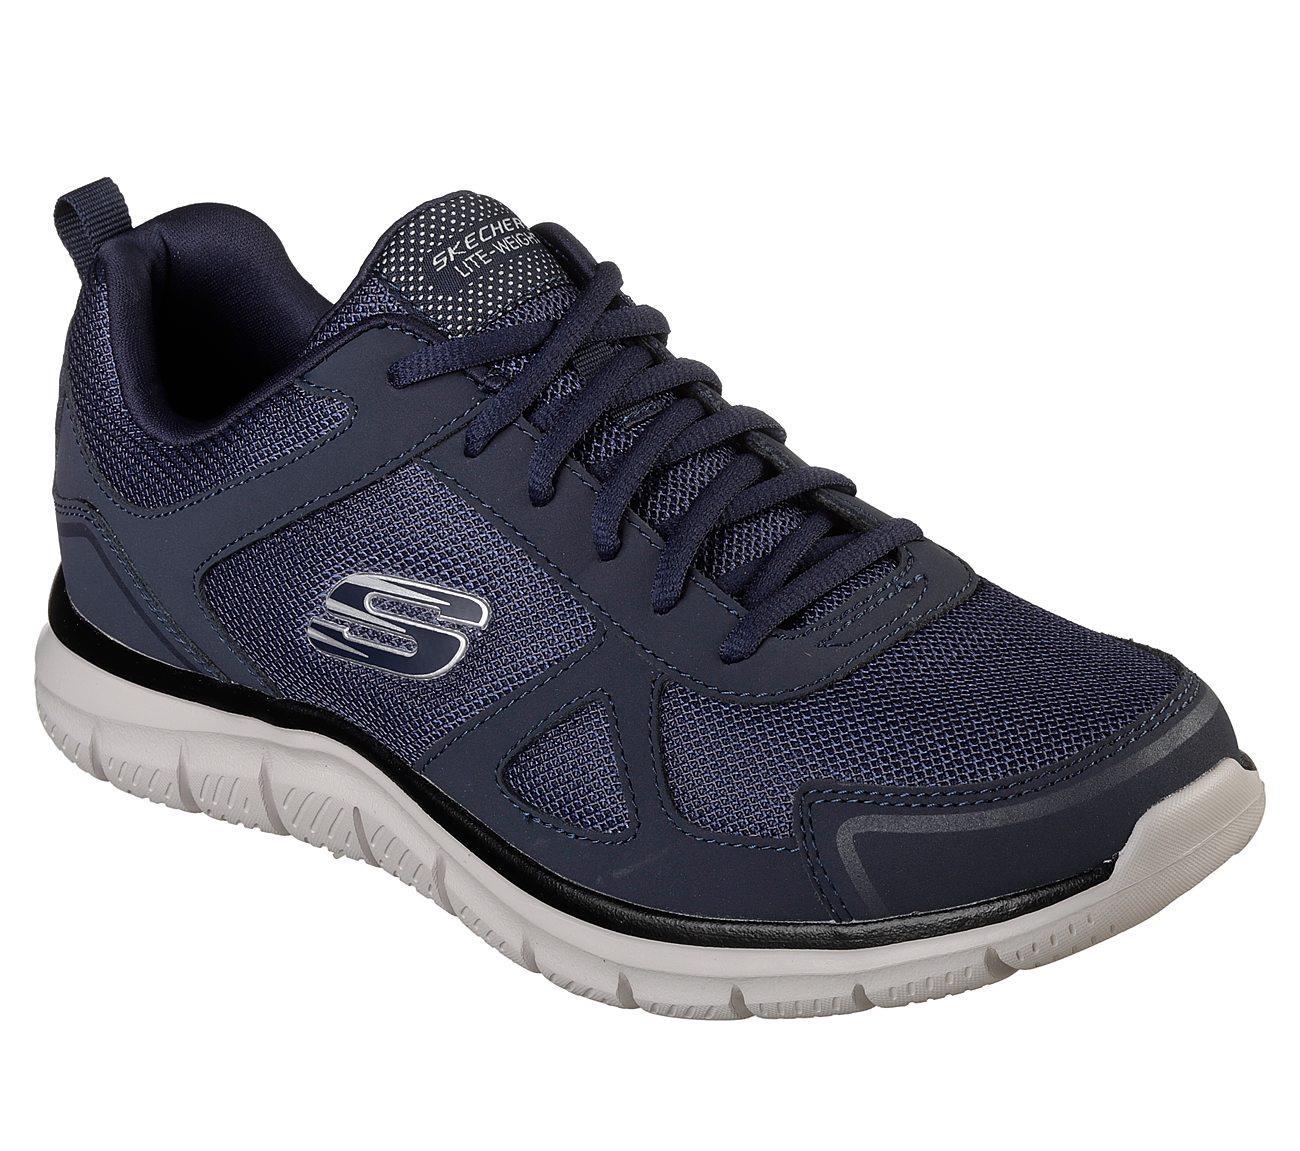 Skechers Track- Sclorıc Lacivert  Erkek Ayakkabısı